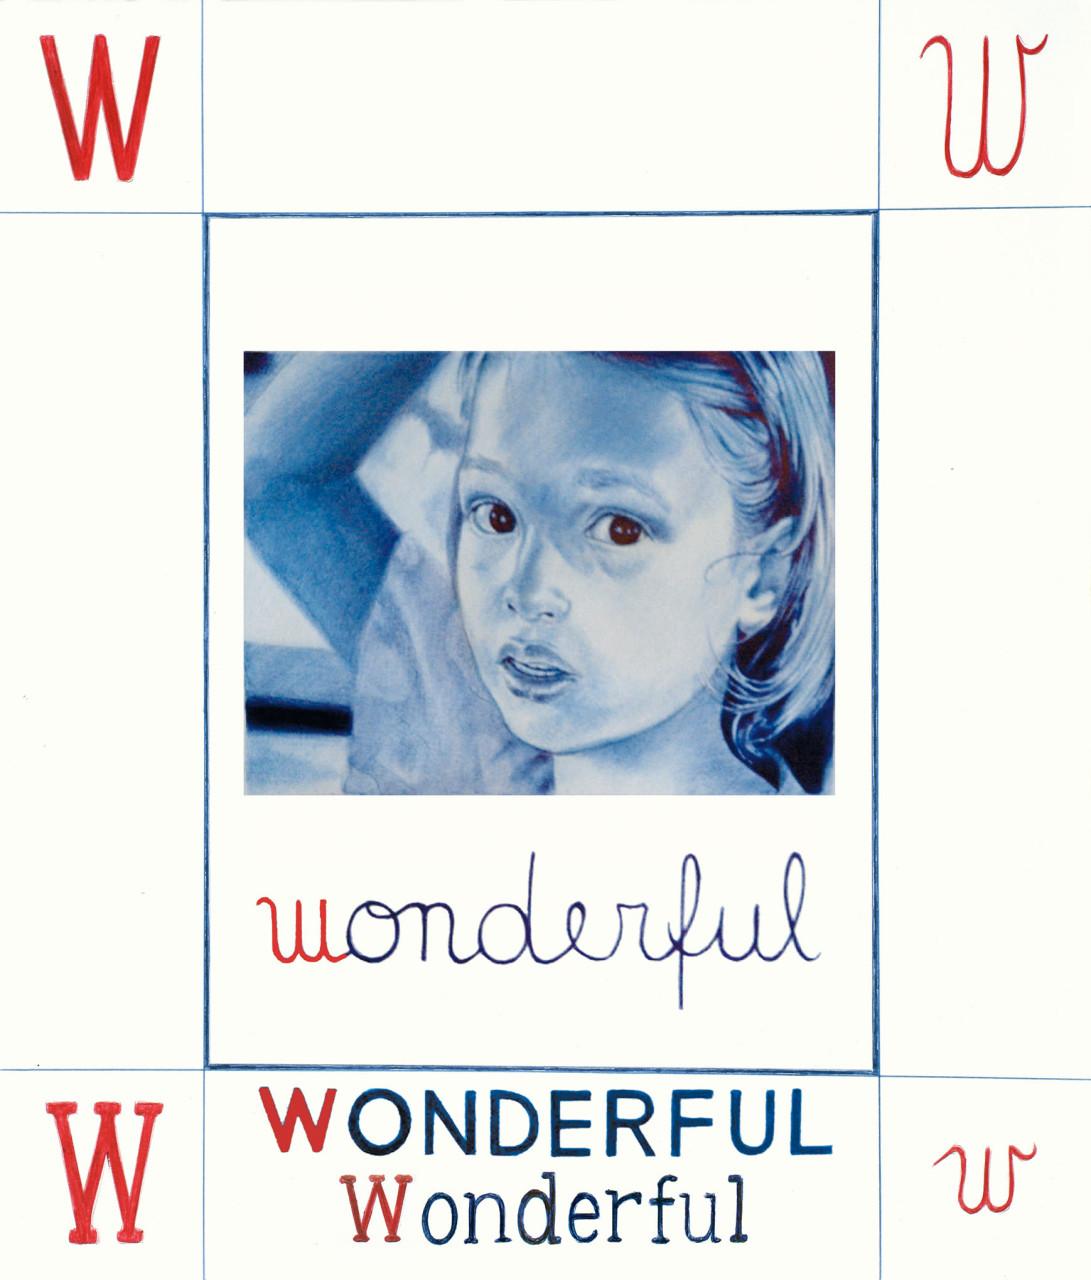 03W-wondeful_bassa